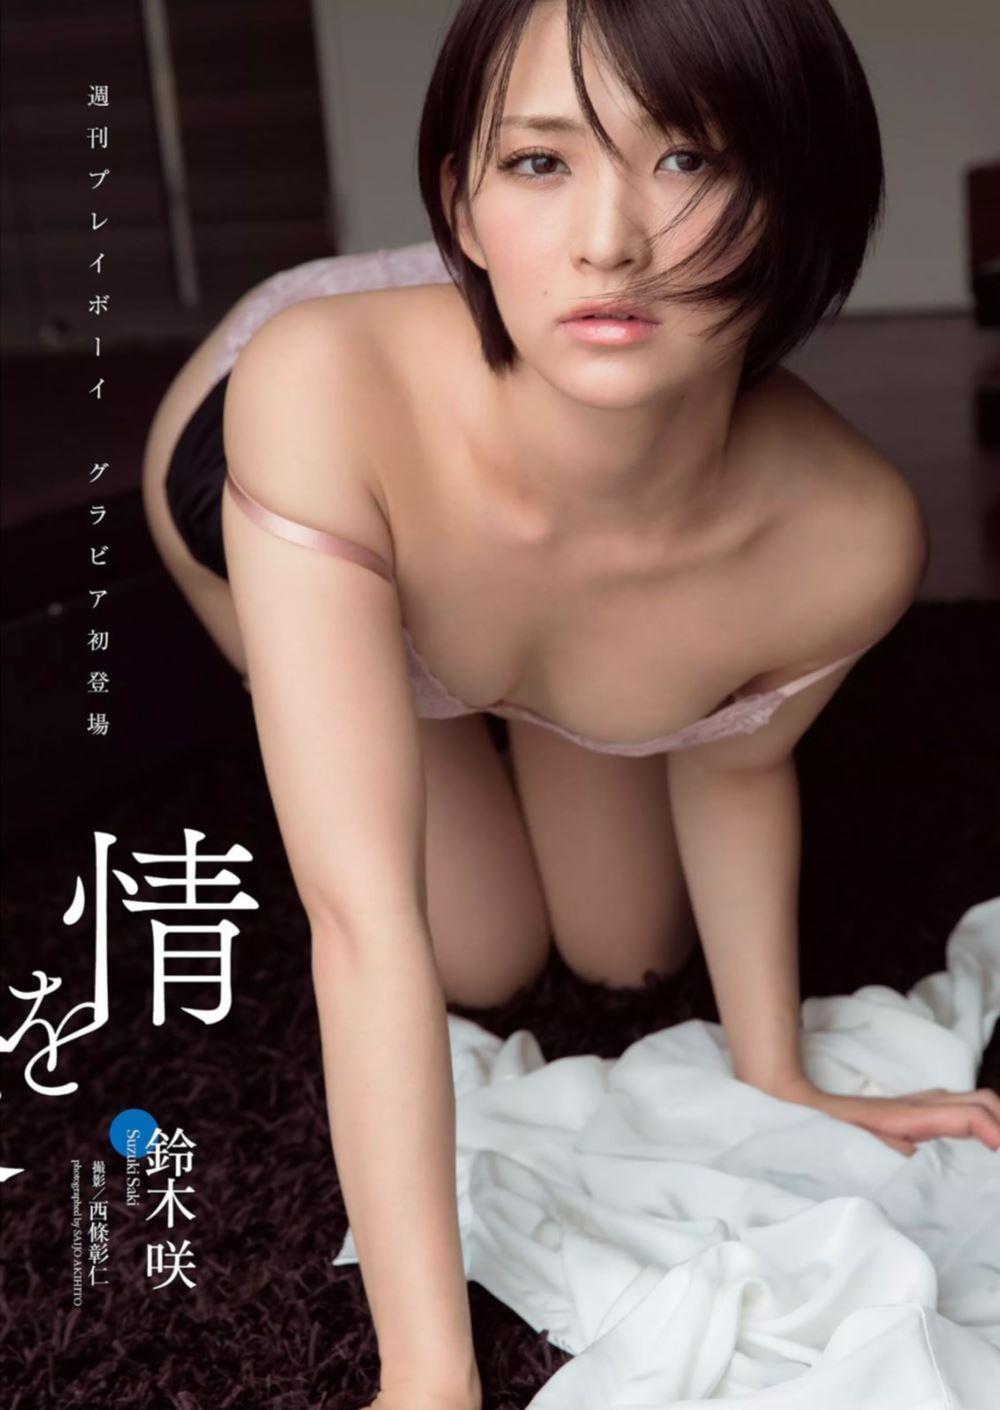 競泳水着 ビキニ姿 かわいい 鈴木咲 エロ画像 77